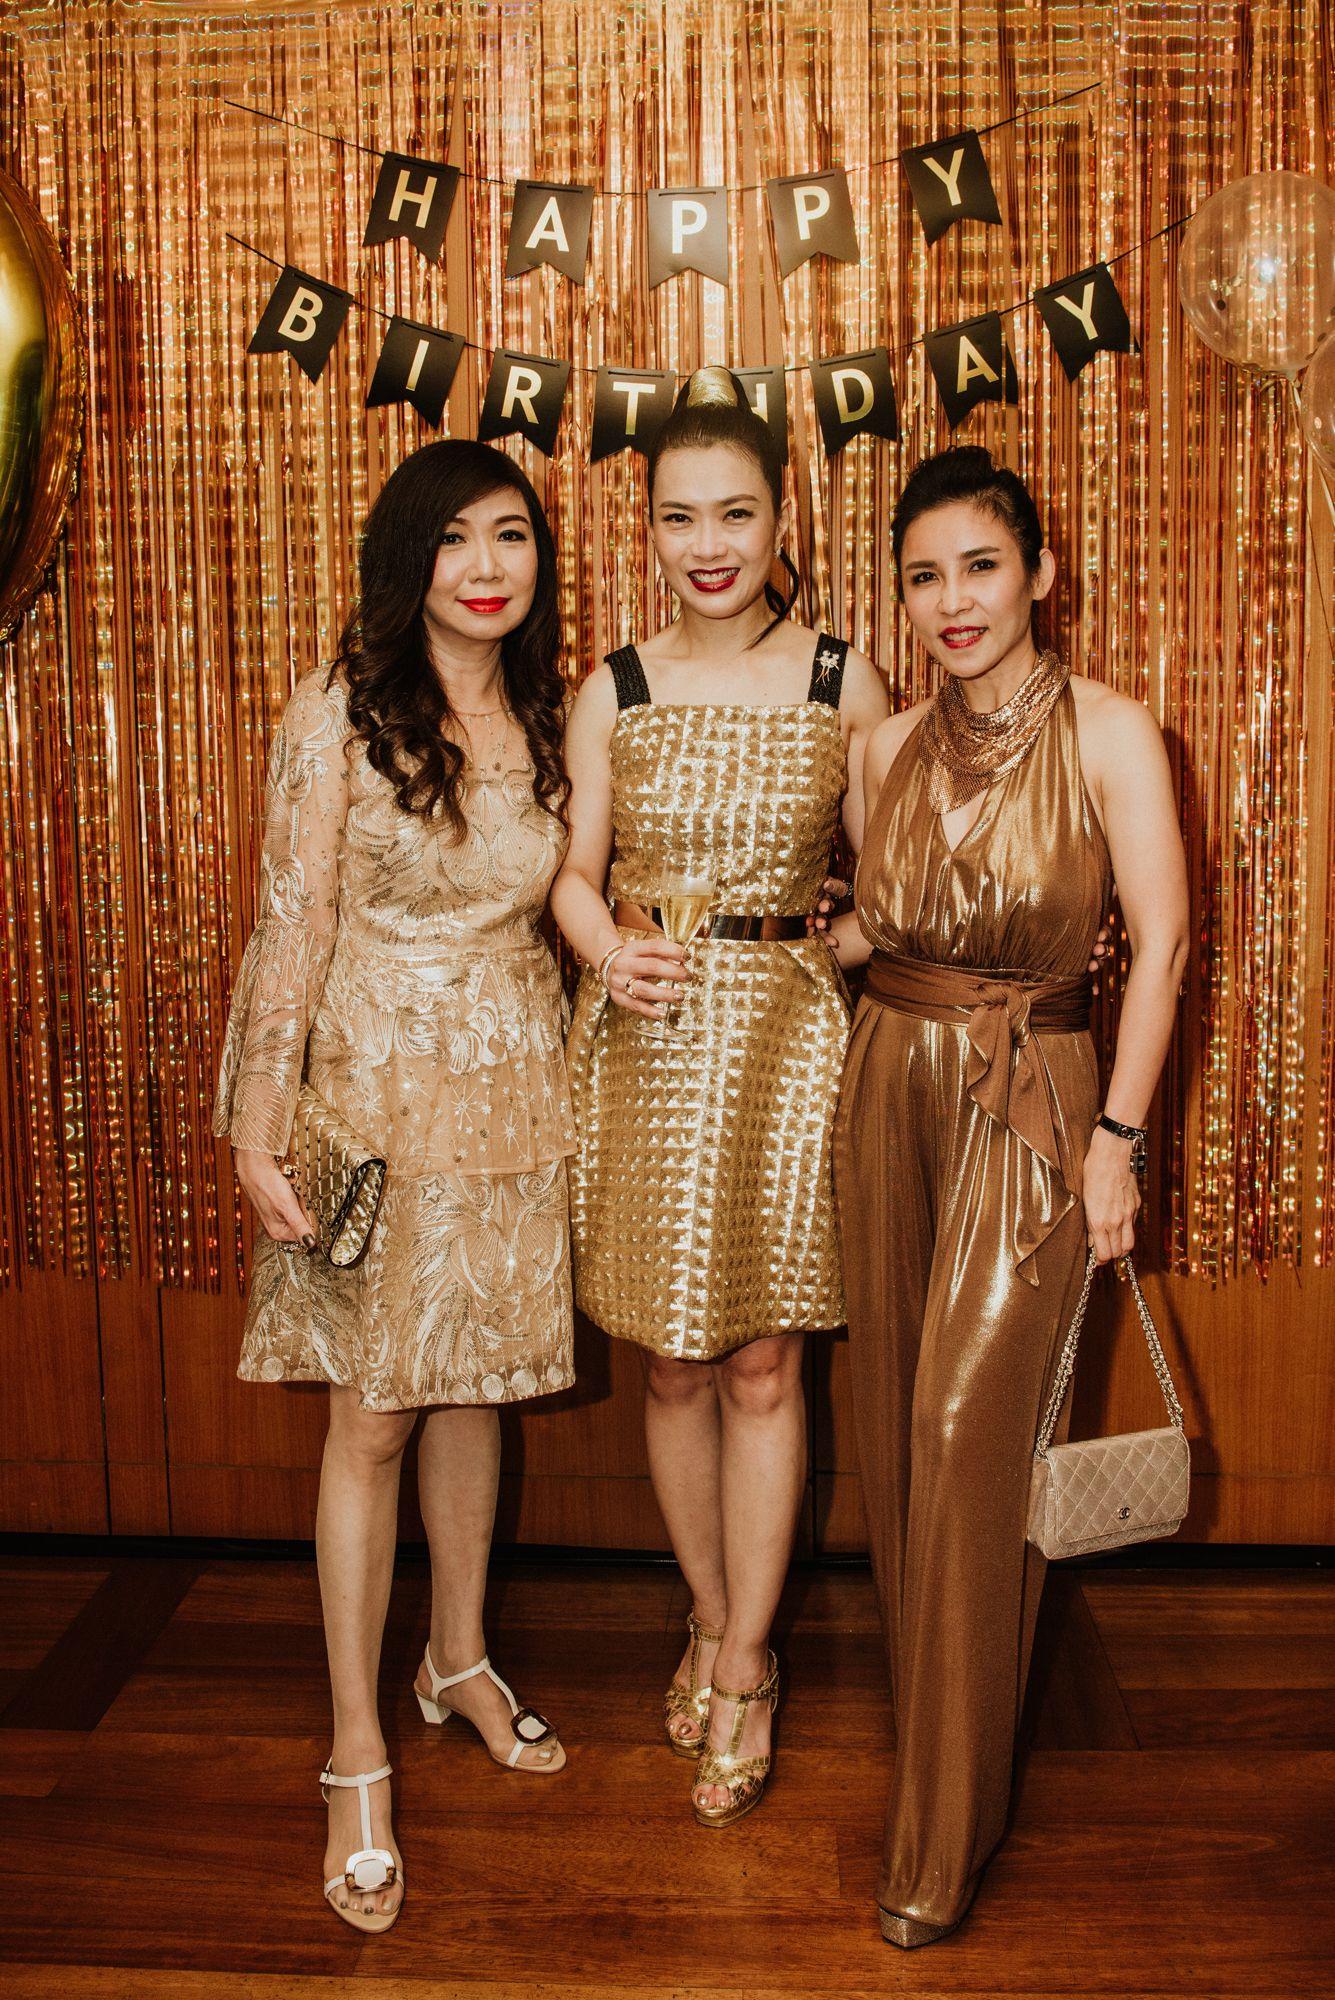 Sharon Heng, Ho Ching Lin, Fanty Soenardy